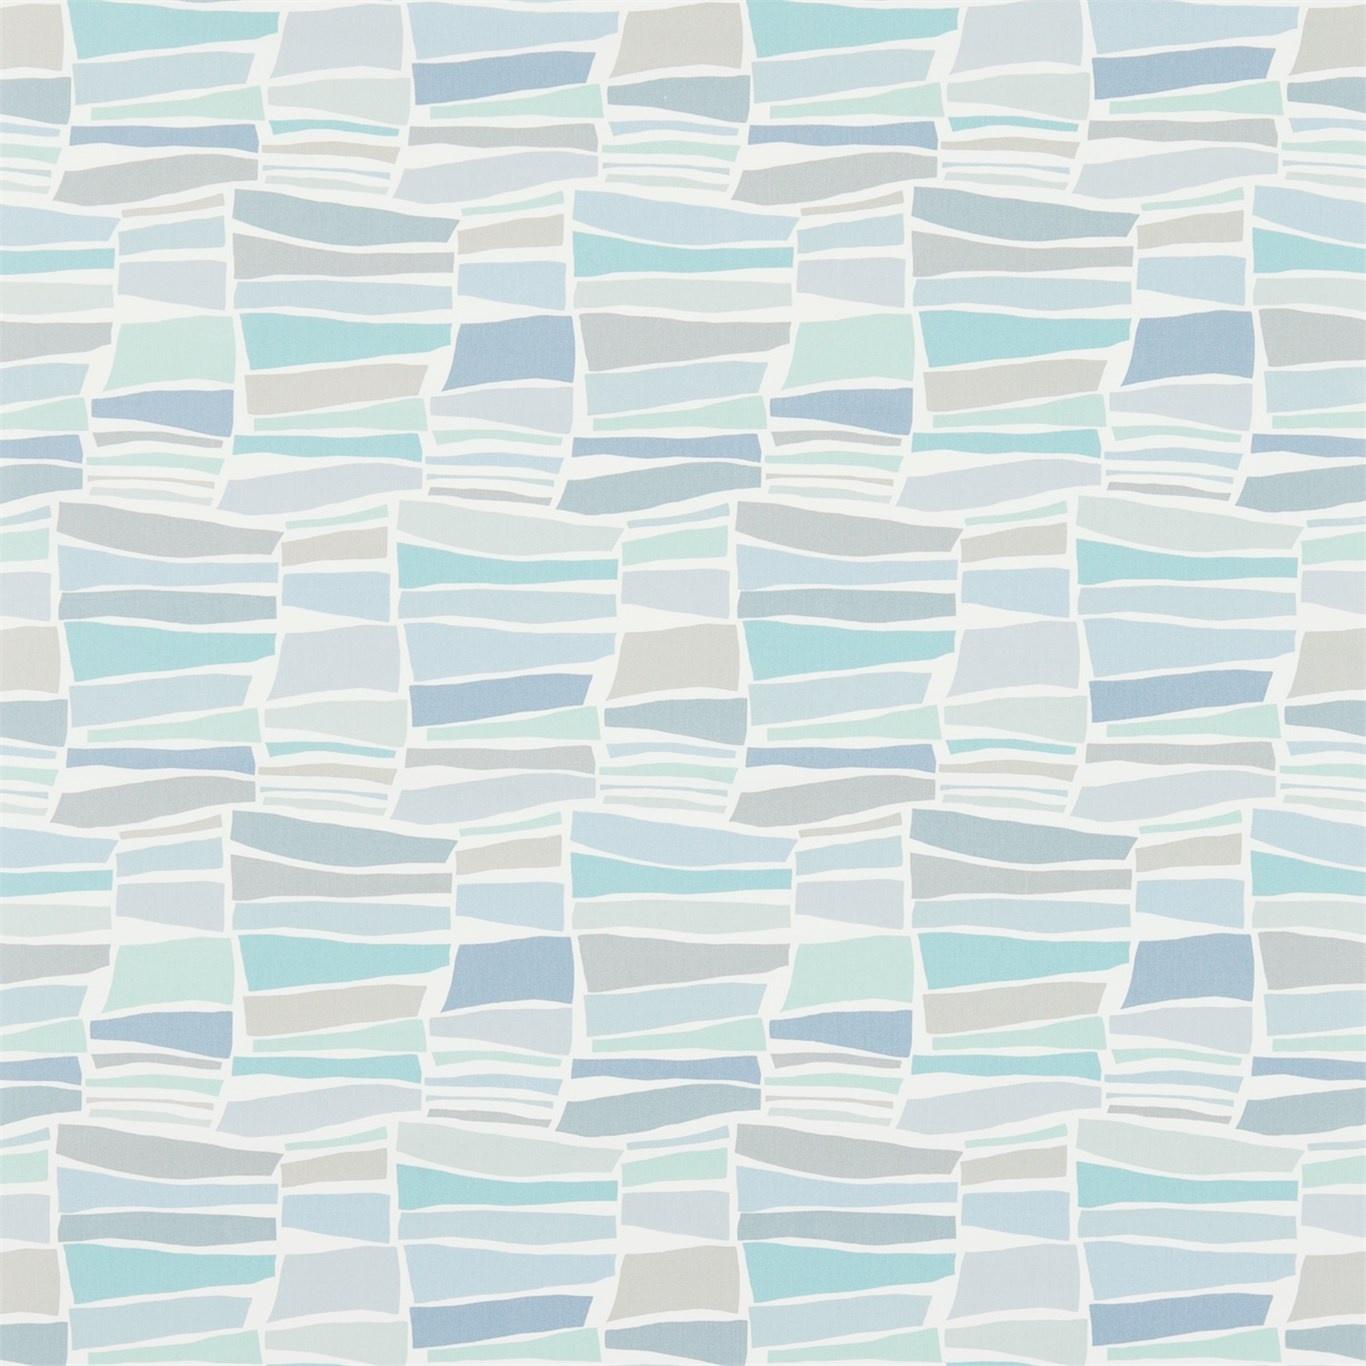 Image of Sanderson Milla Mineral/ Multi Fabric 224630